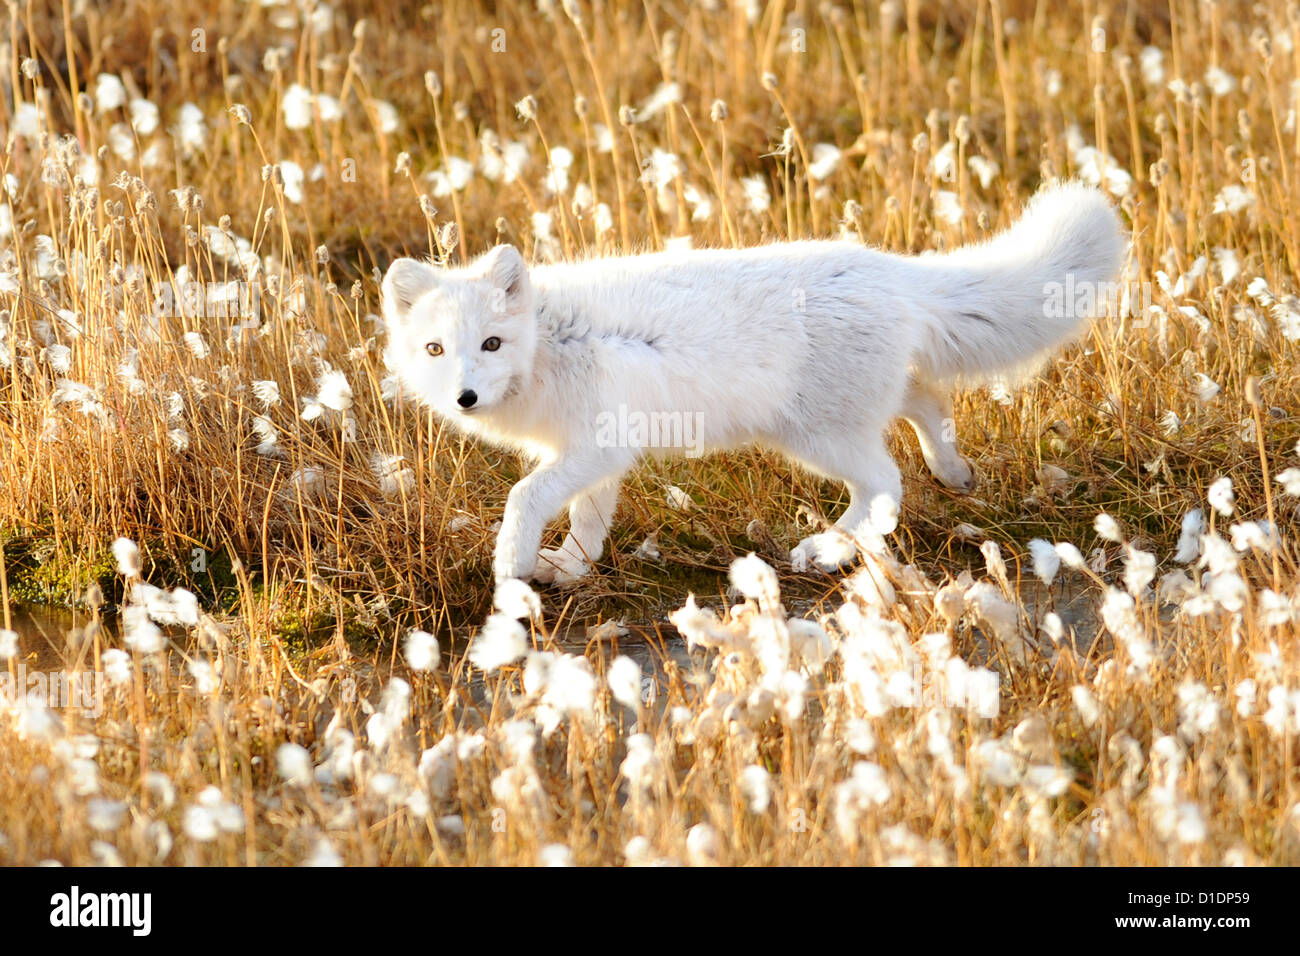 Un zorro ártico, camina a través de la hierba de algodón de Septiembre 17, 2012 en Pituffik, Groenlandia. Imagen De Stock